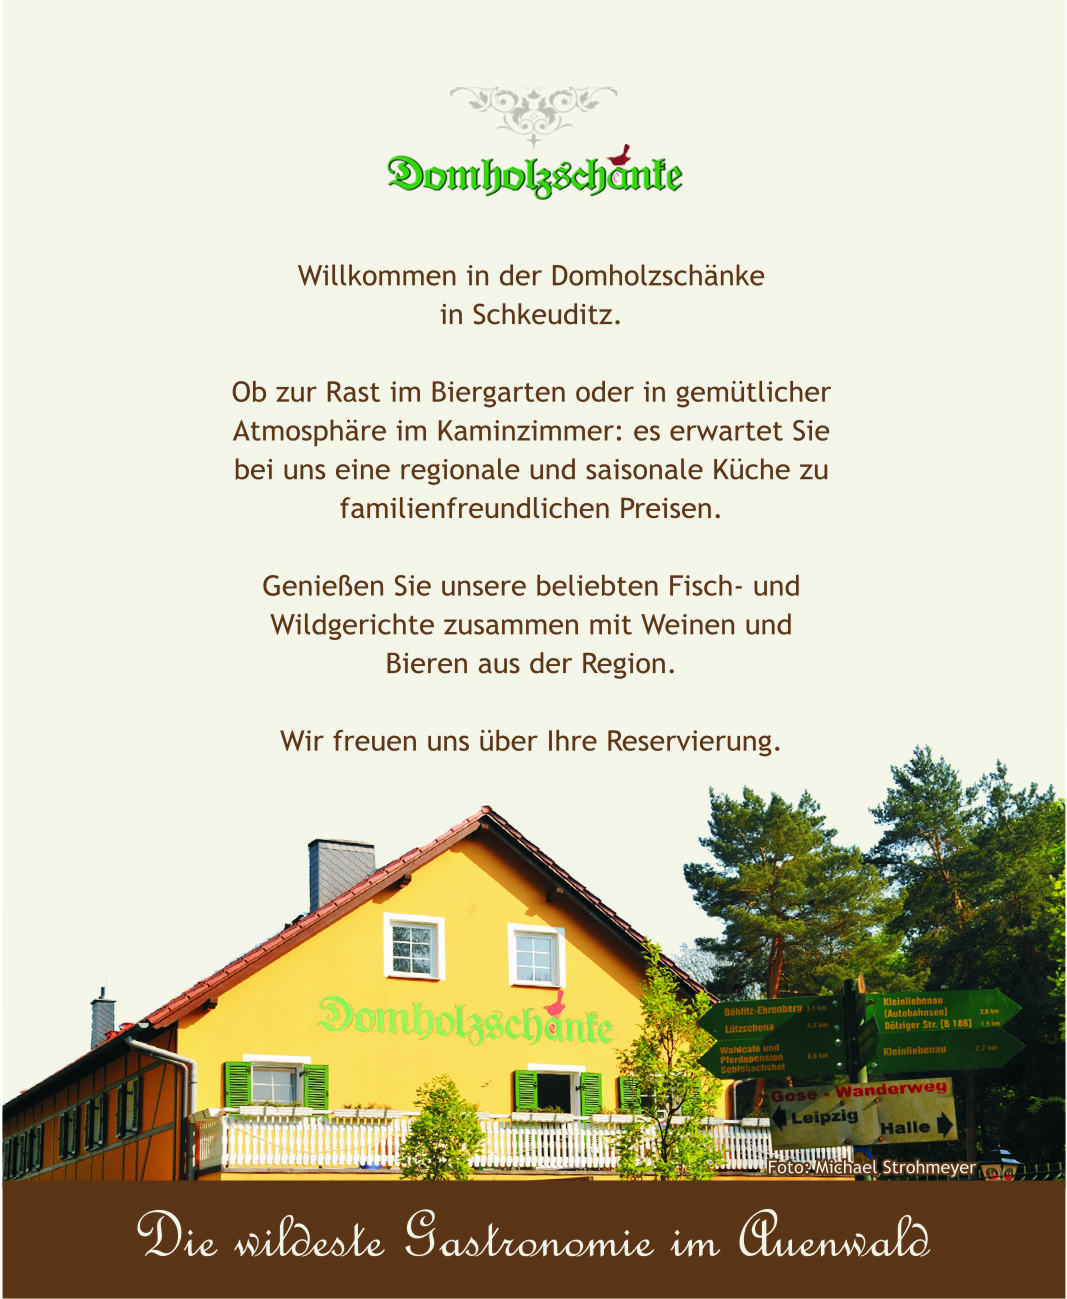 Domholzschänke ✓ Öffnungszeiten ✓ Anfahrt – Happy Dinner Card